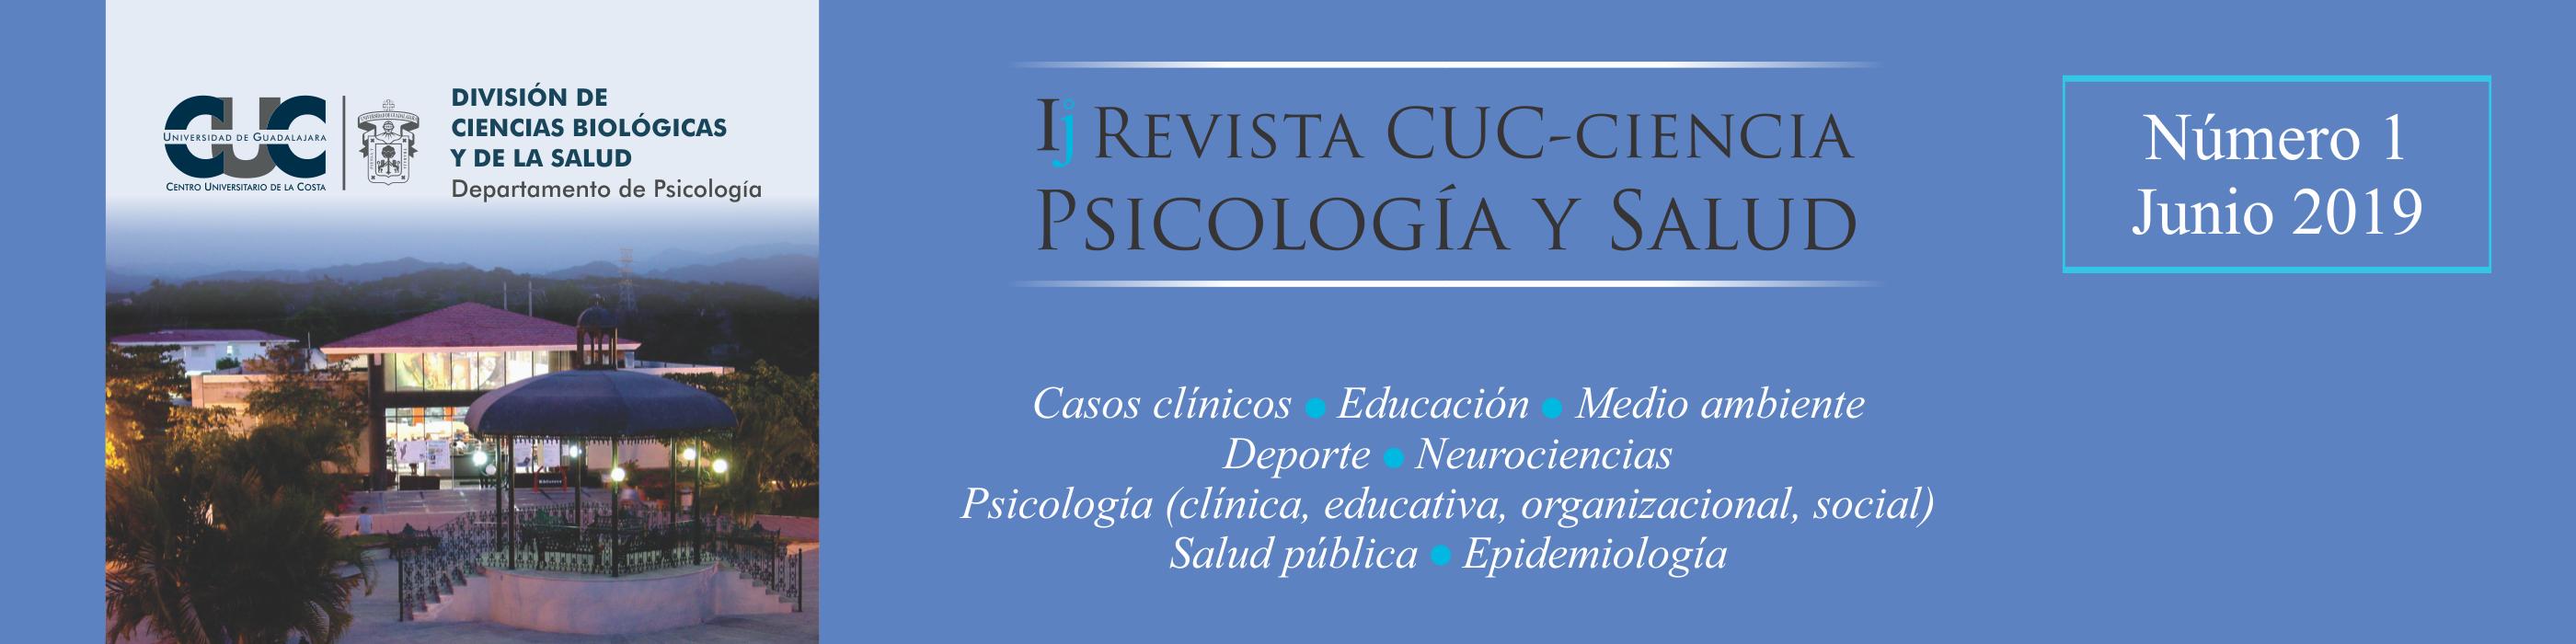 Revista cuc ciencia psicologia y salud digital - 2019